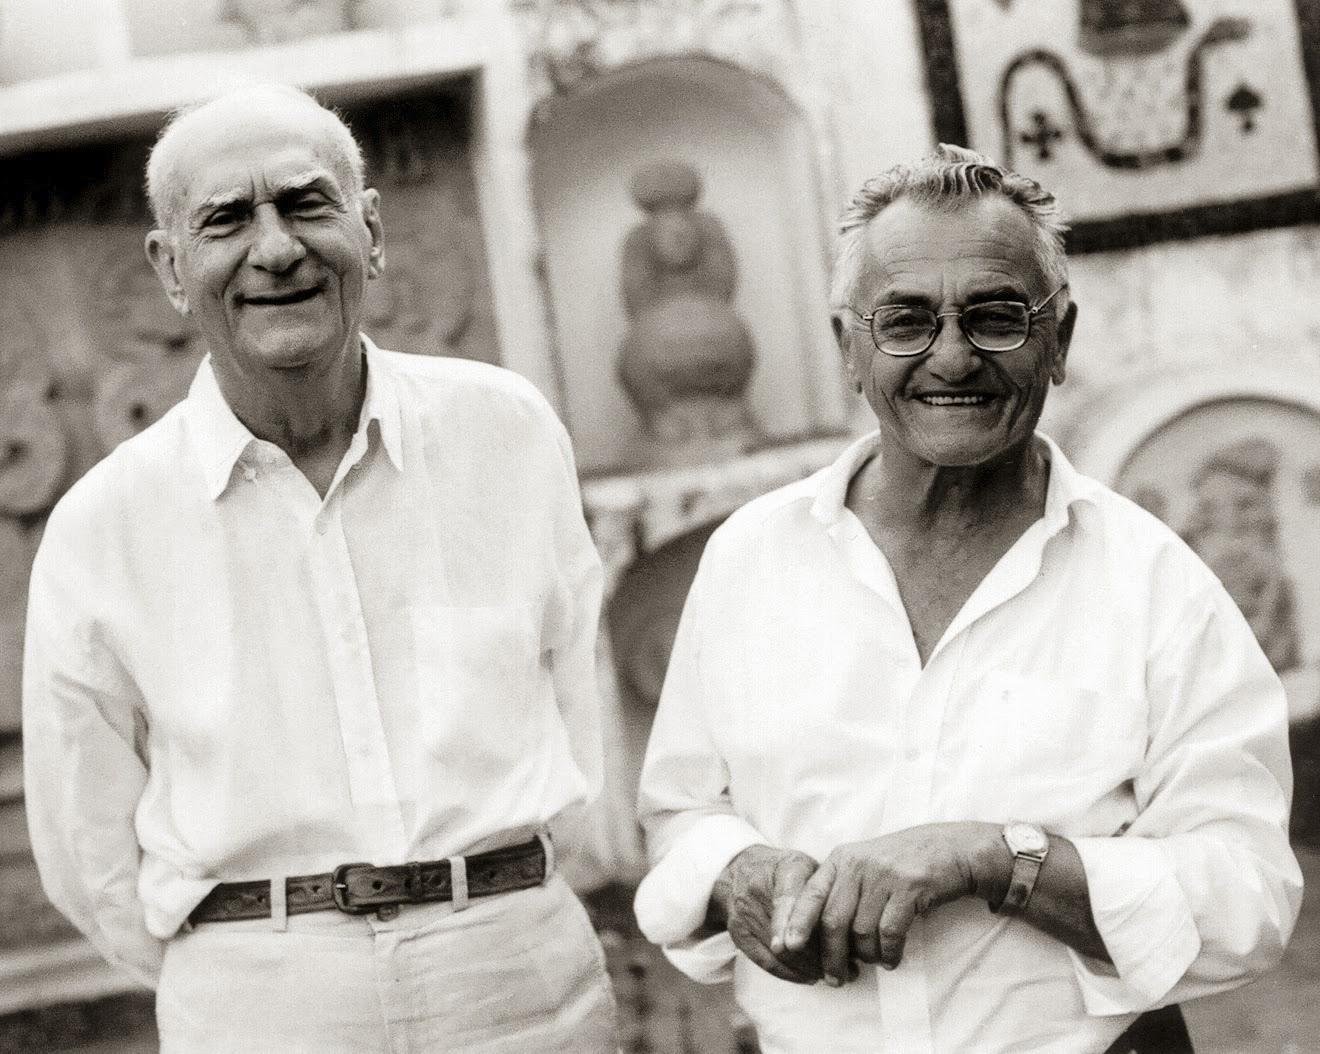 Ariano Suassuna et l'écrivain argentin Jorge Luis Borges